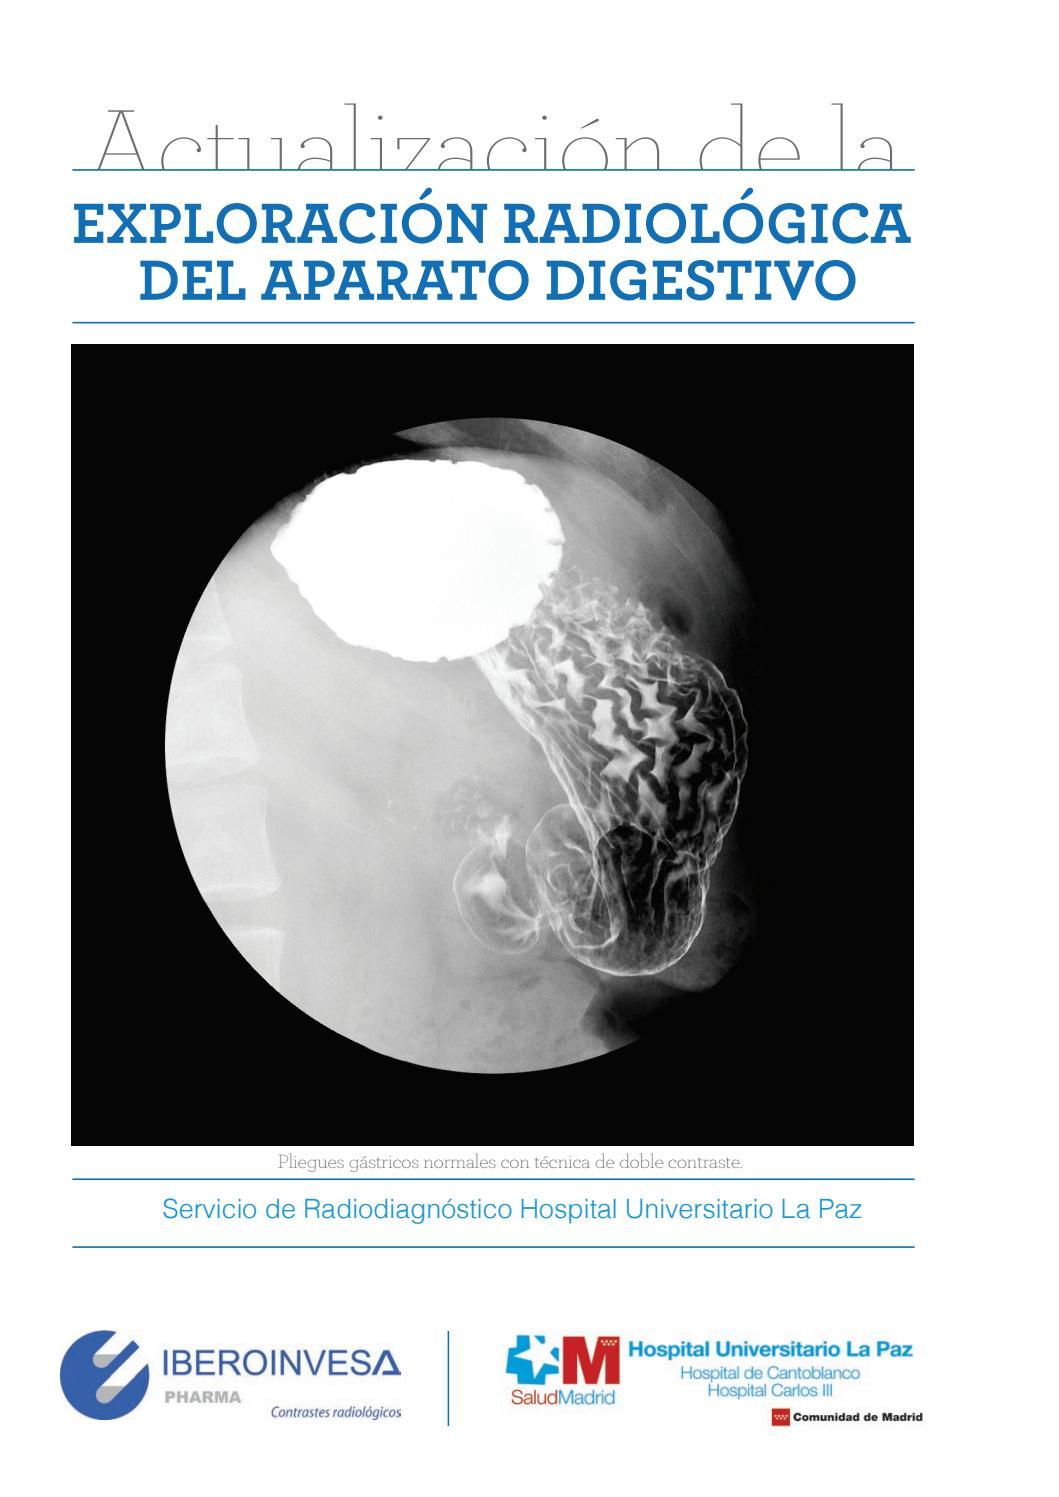 Ebook exploracion radiologica del aparato digestivo by froybas - issuu